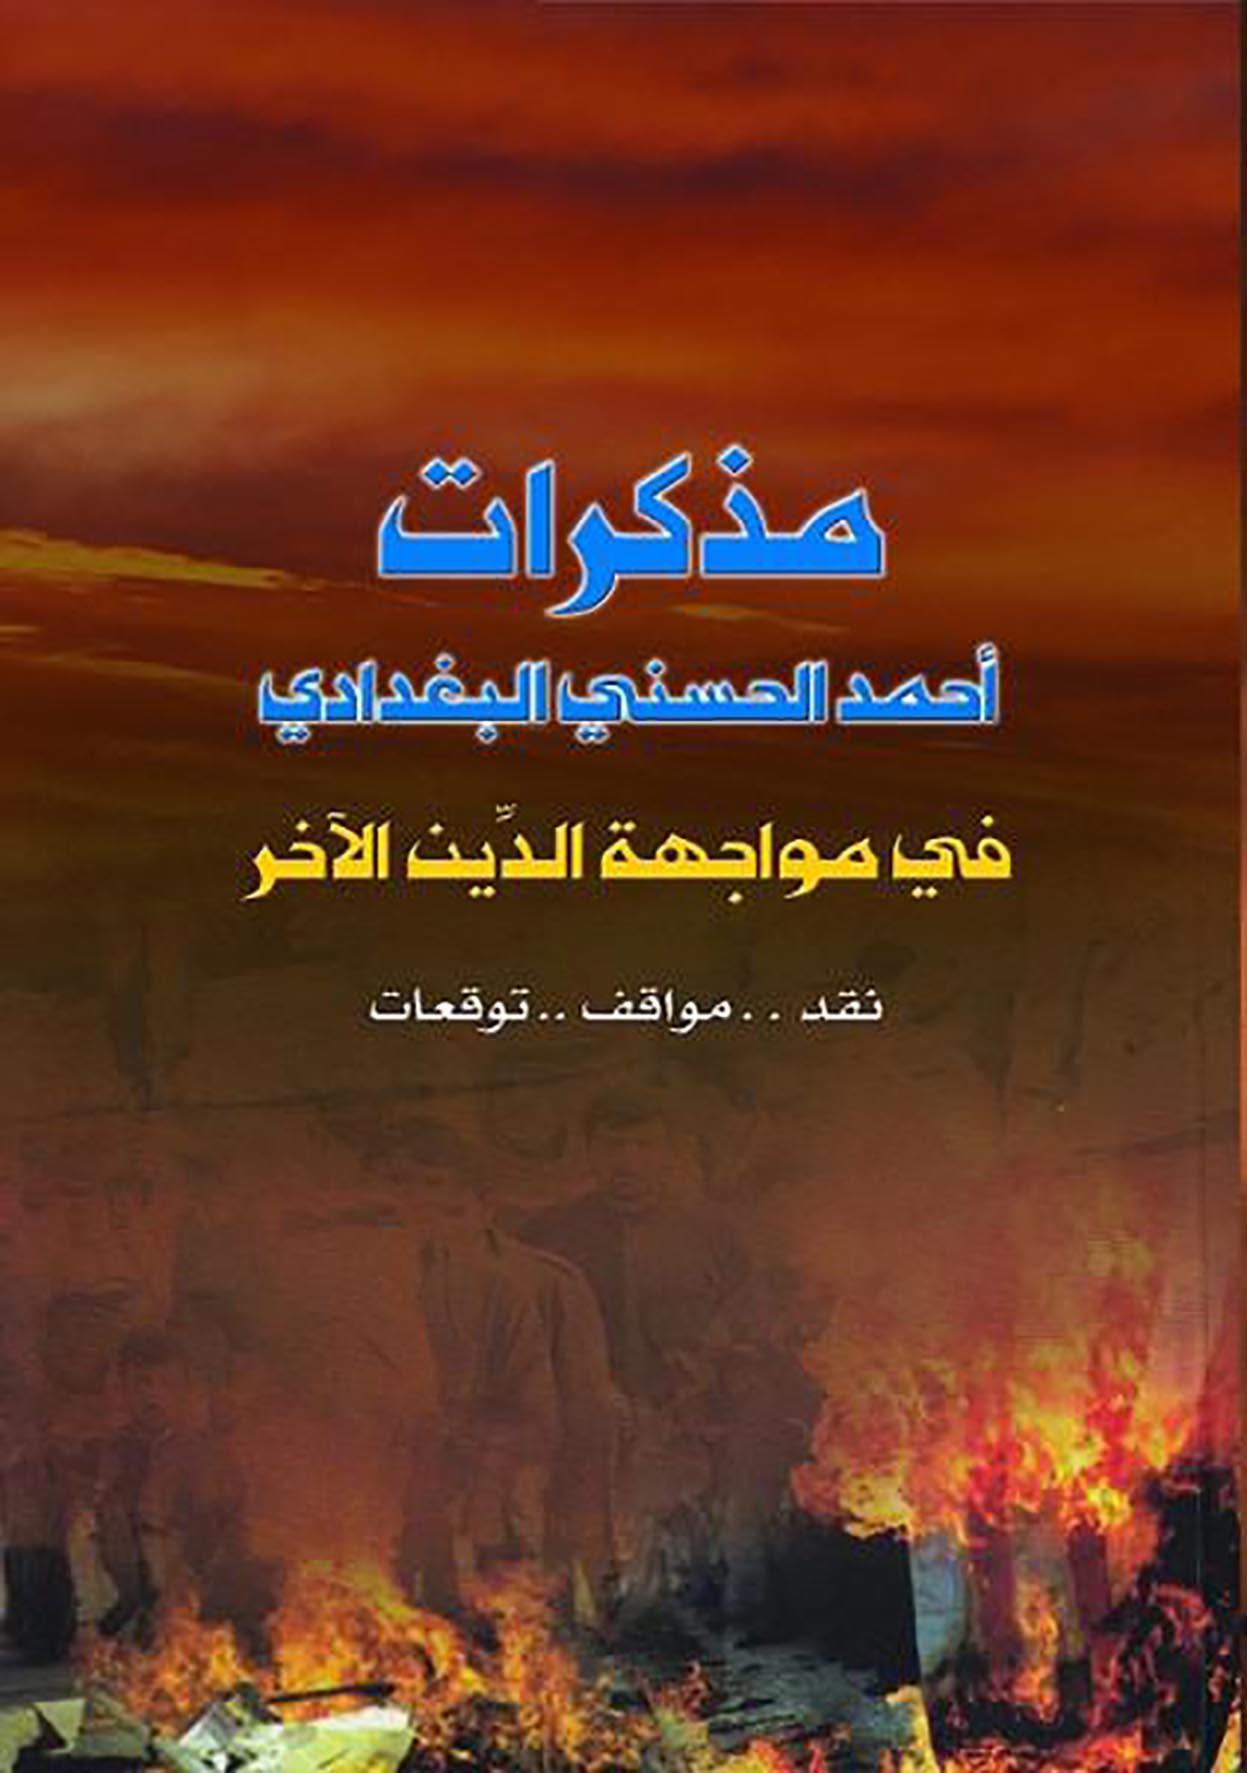 الاســـم:صفحات من مذكرات احمد البغدادي غلاف.jpg المشاهدات: 98 الحجـــم:140.0 كيلوبايت